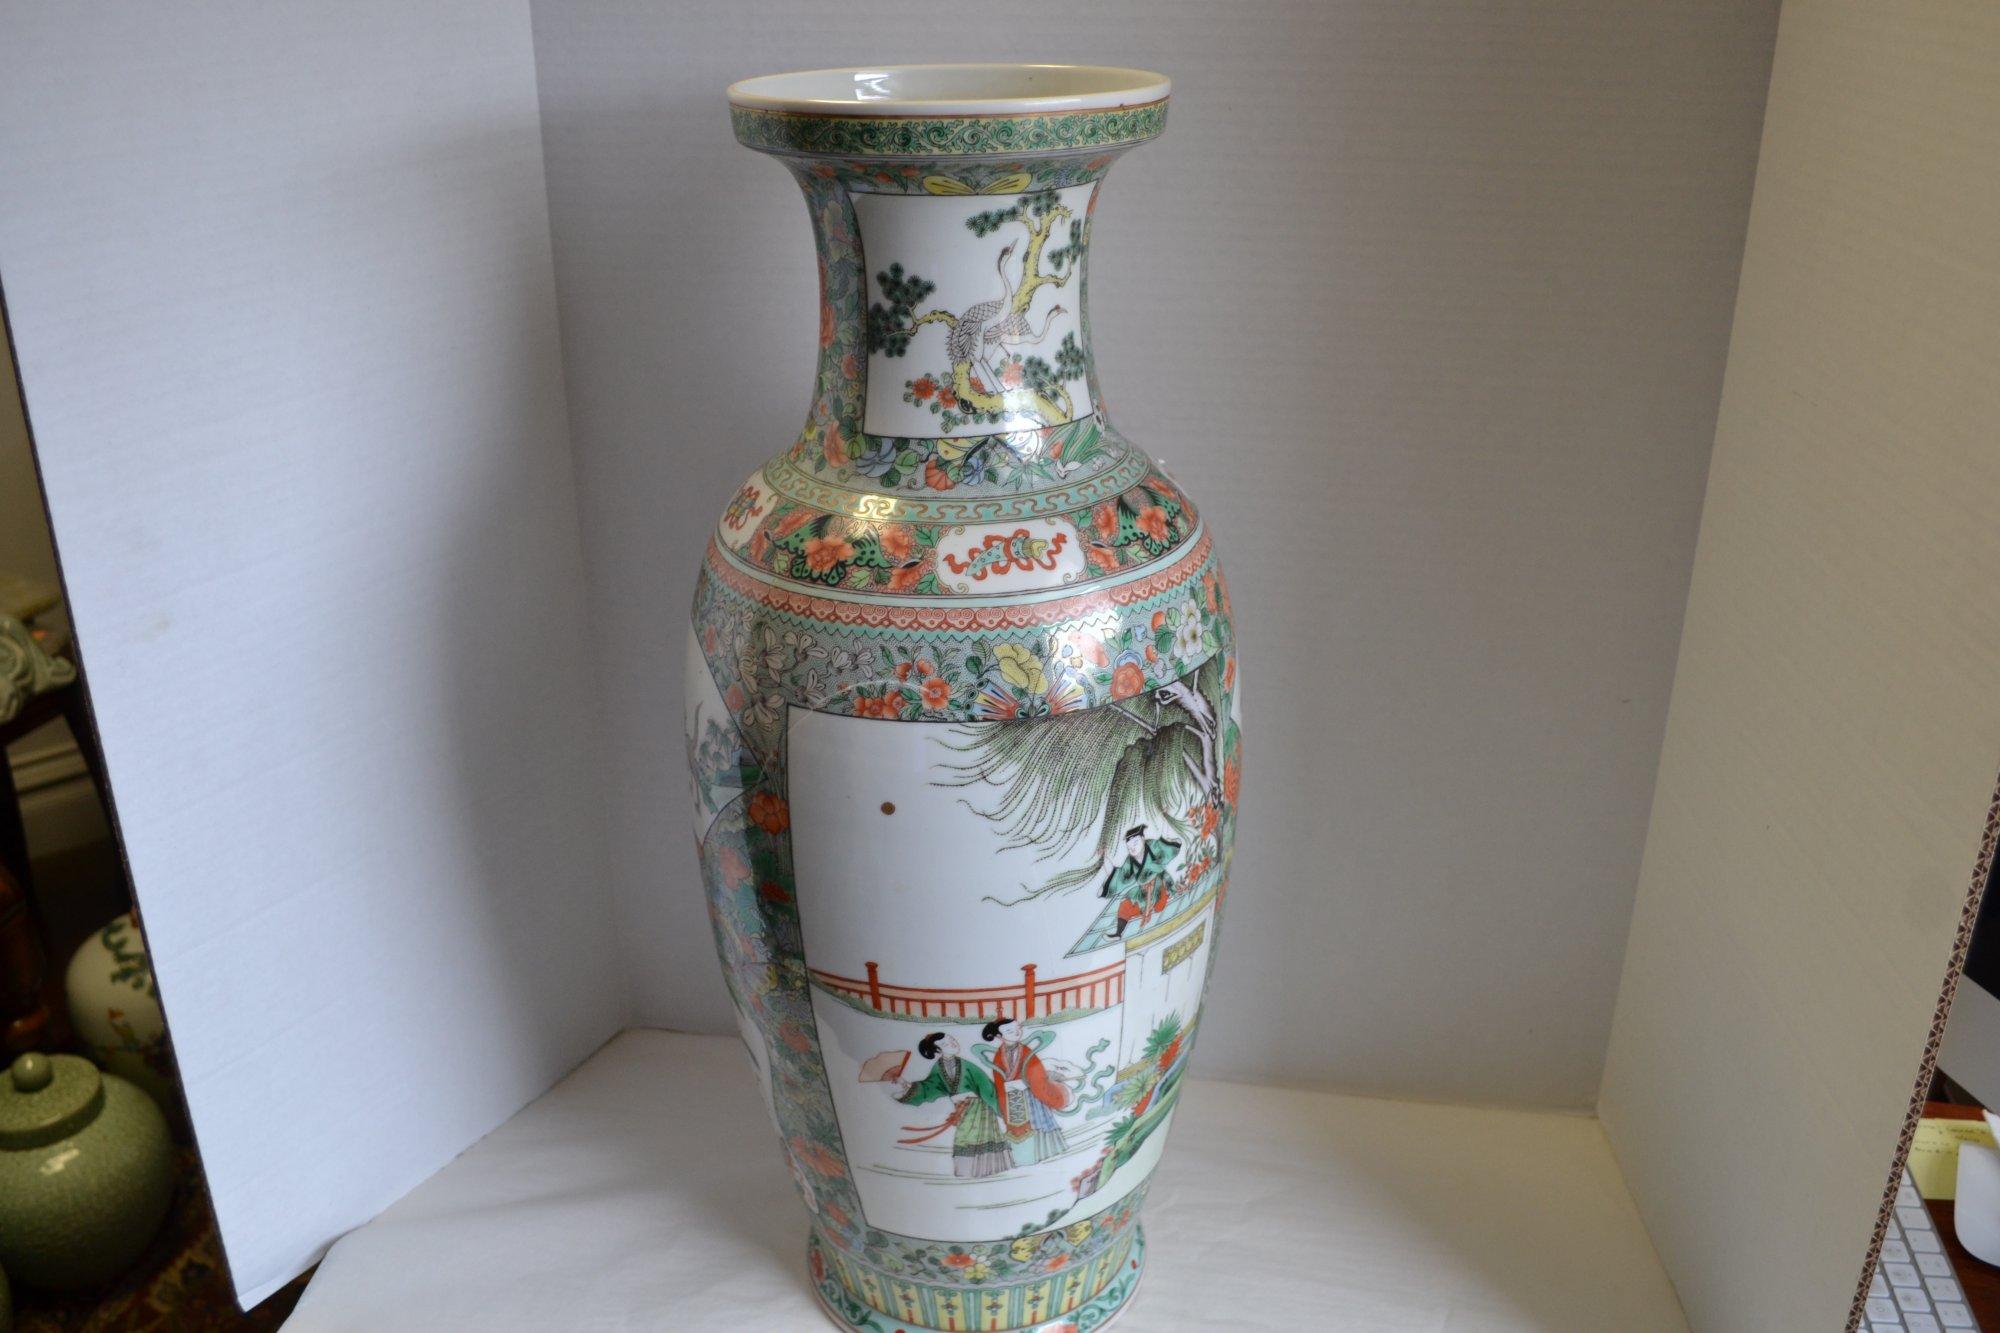 Chinese Famille Verte floor vase